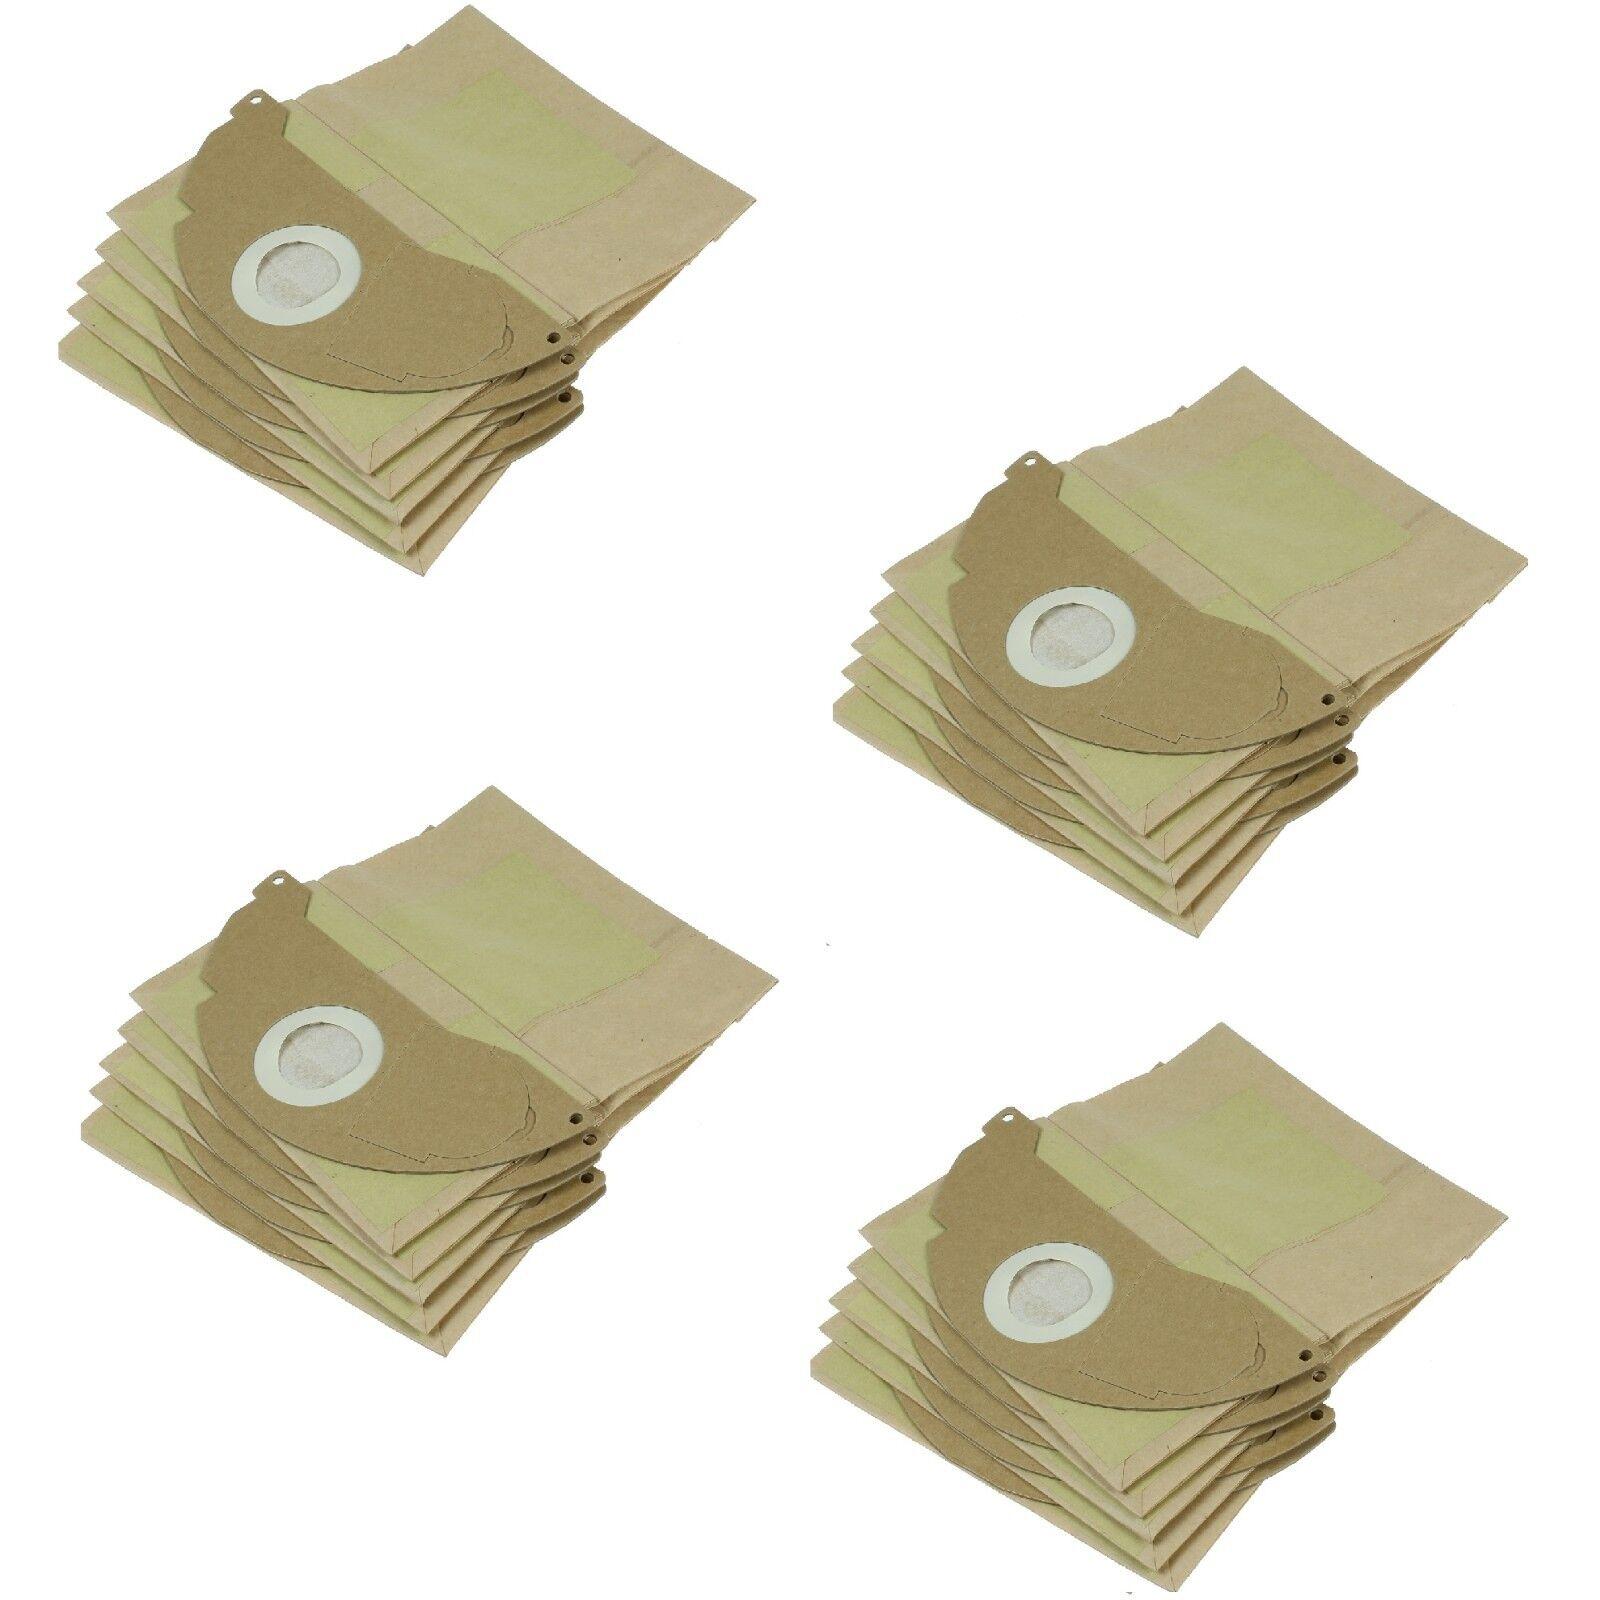 Détails sur Premium Papier Sacs Poussière Compatible avec Karcher A2000 A2004 Aspirateurs